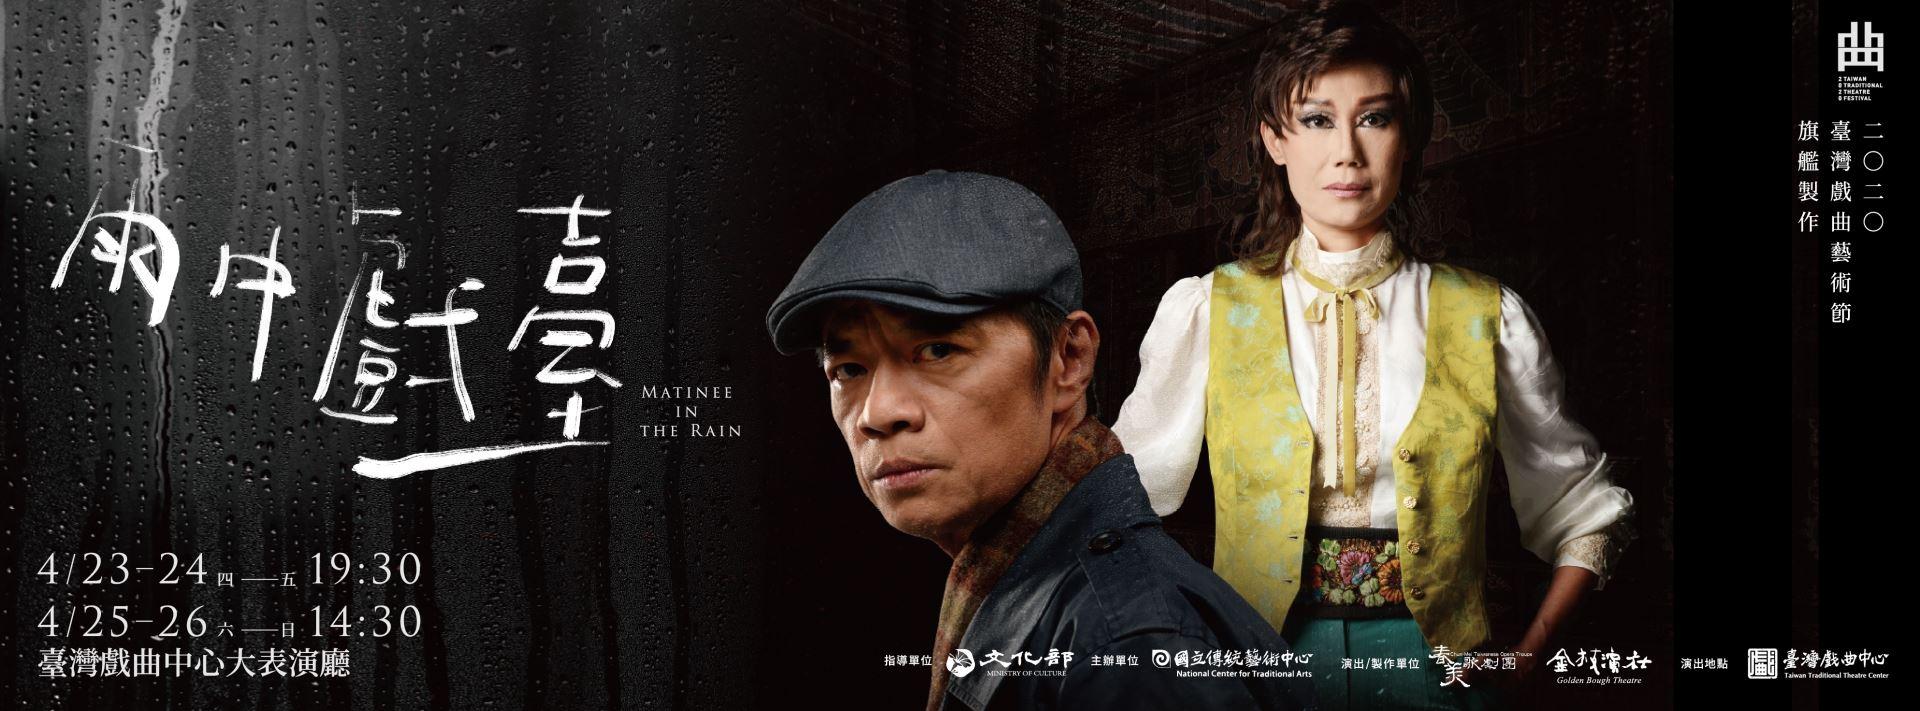 2020臺灣戲曲藝術節 旗艦製作《雨中戲臺》「新しいウィンドウを開く」